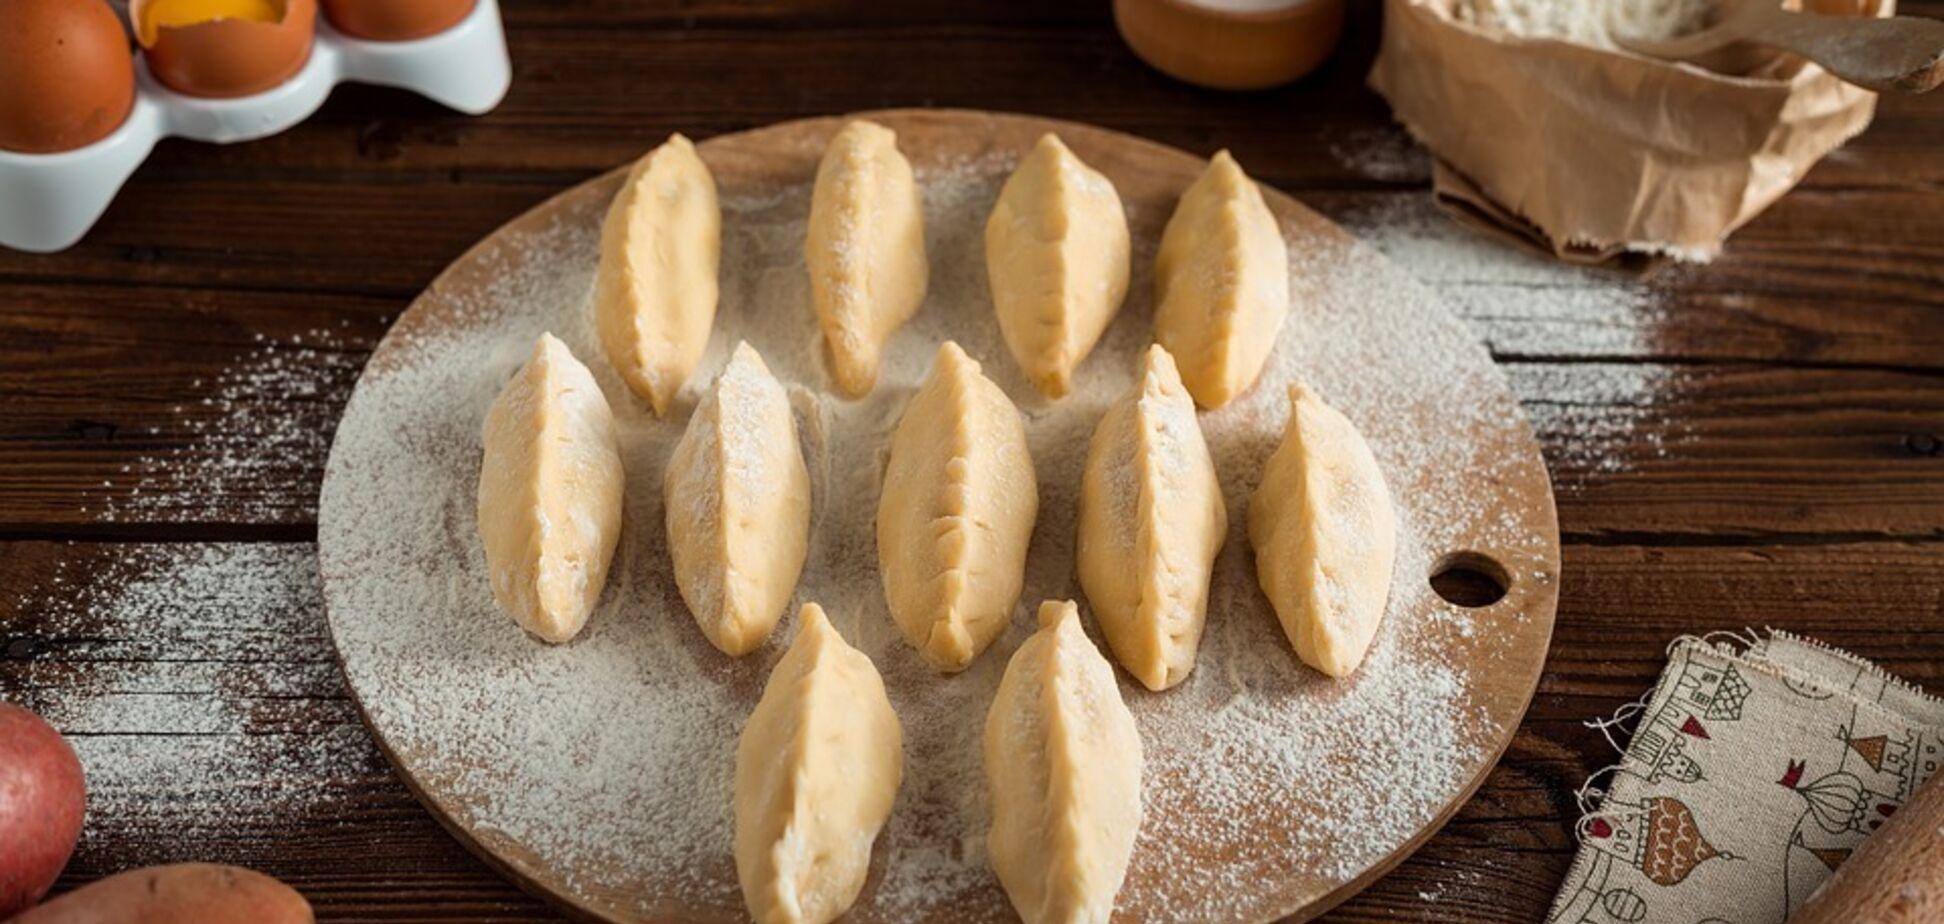 Рецепт удивительных вареников по-деревенски, которые всех восхитят